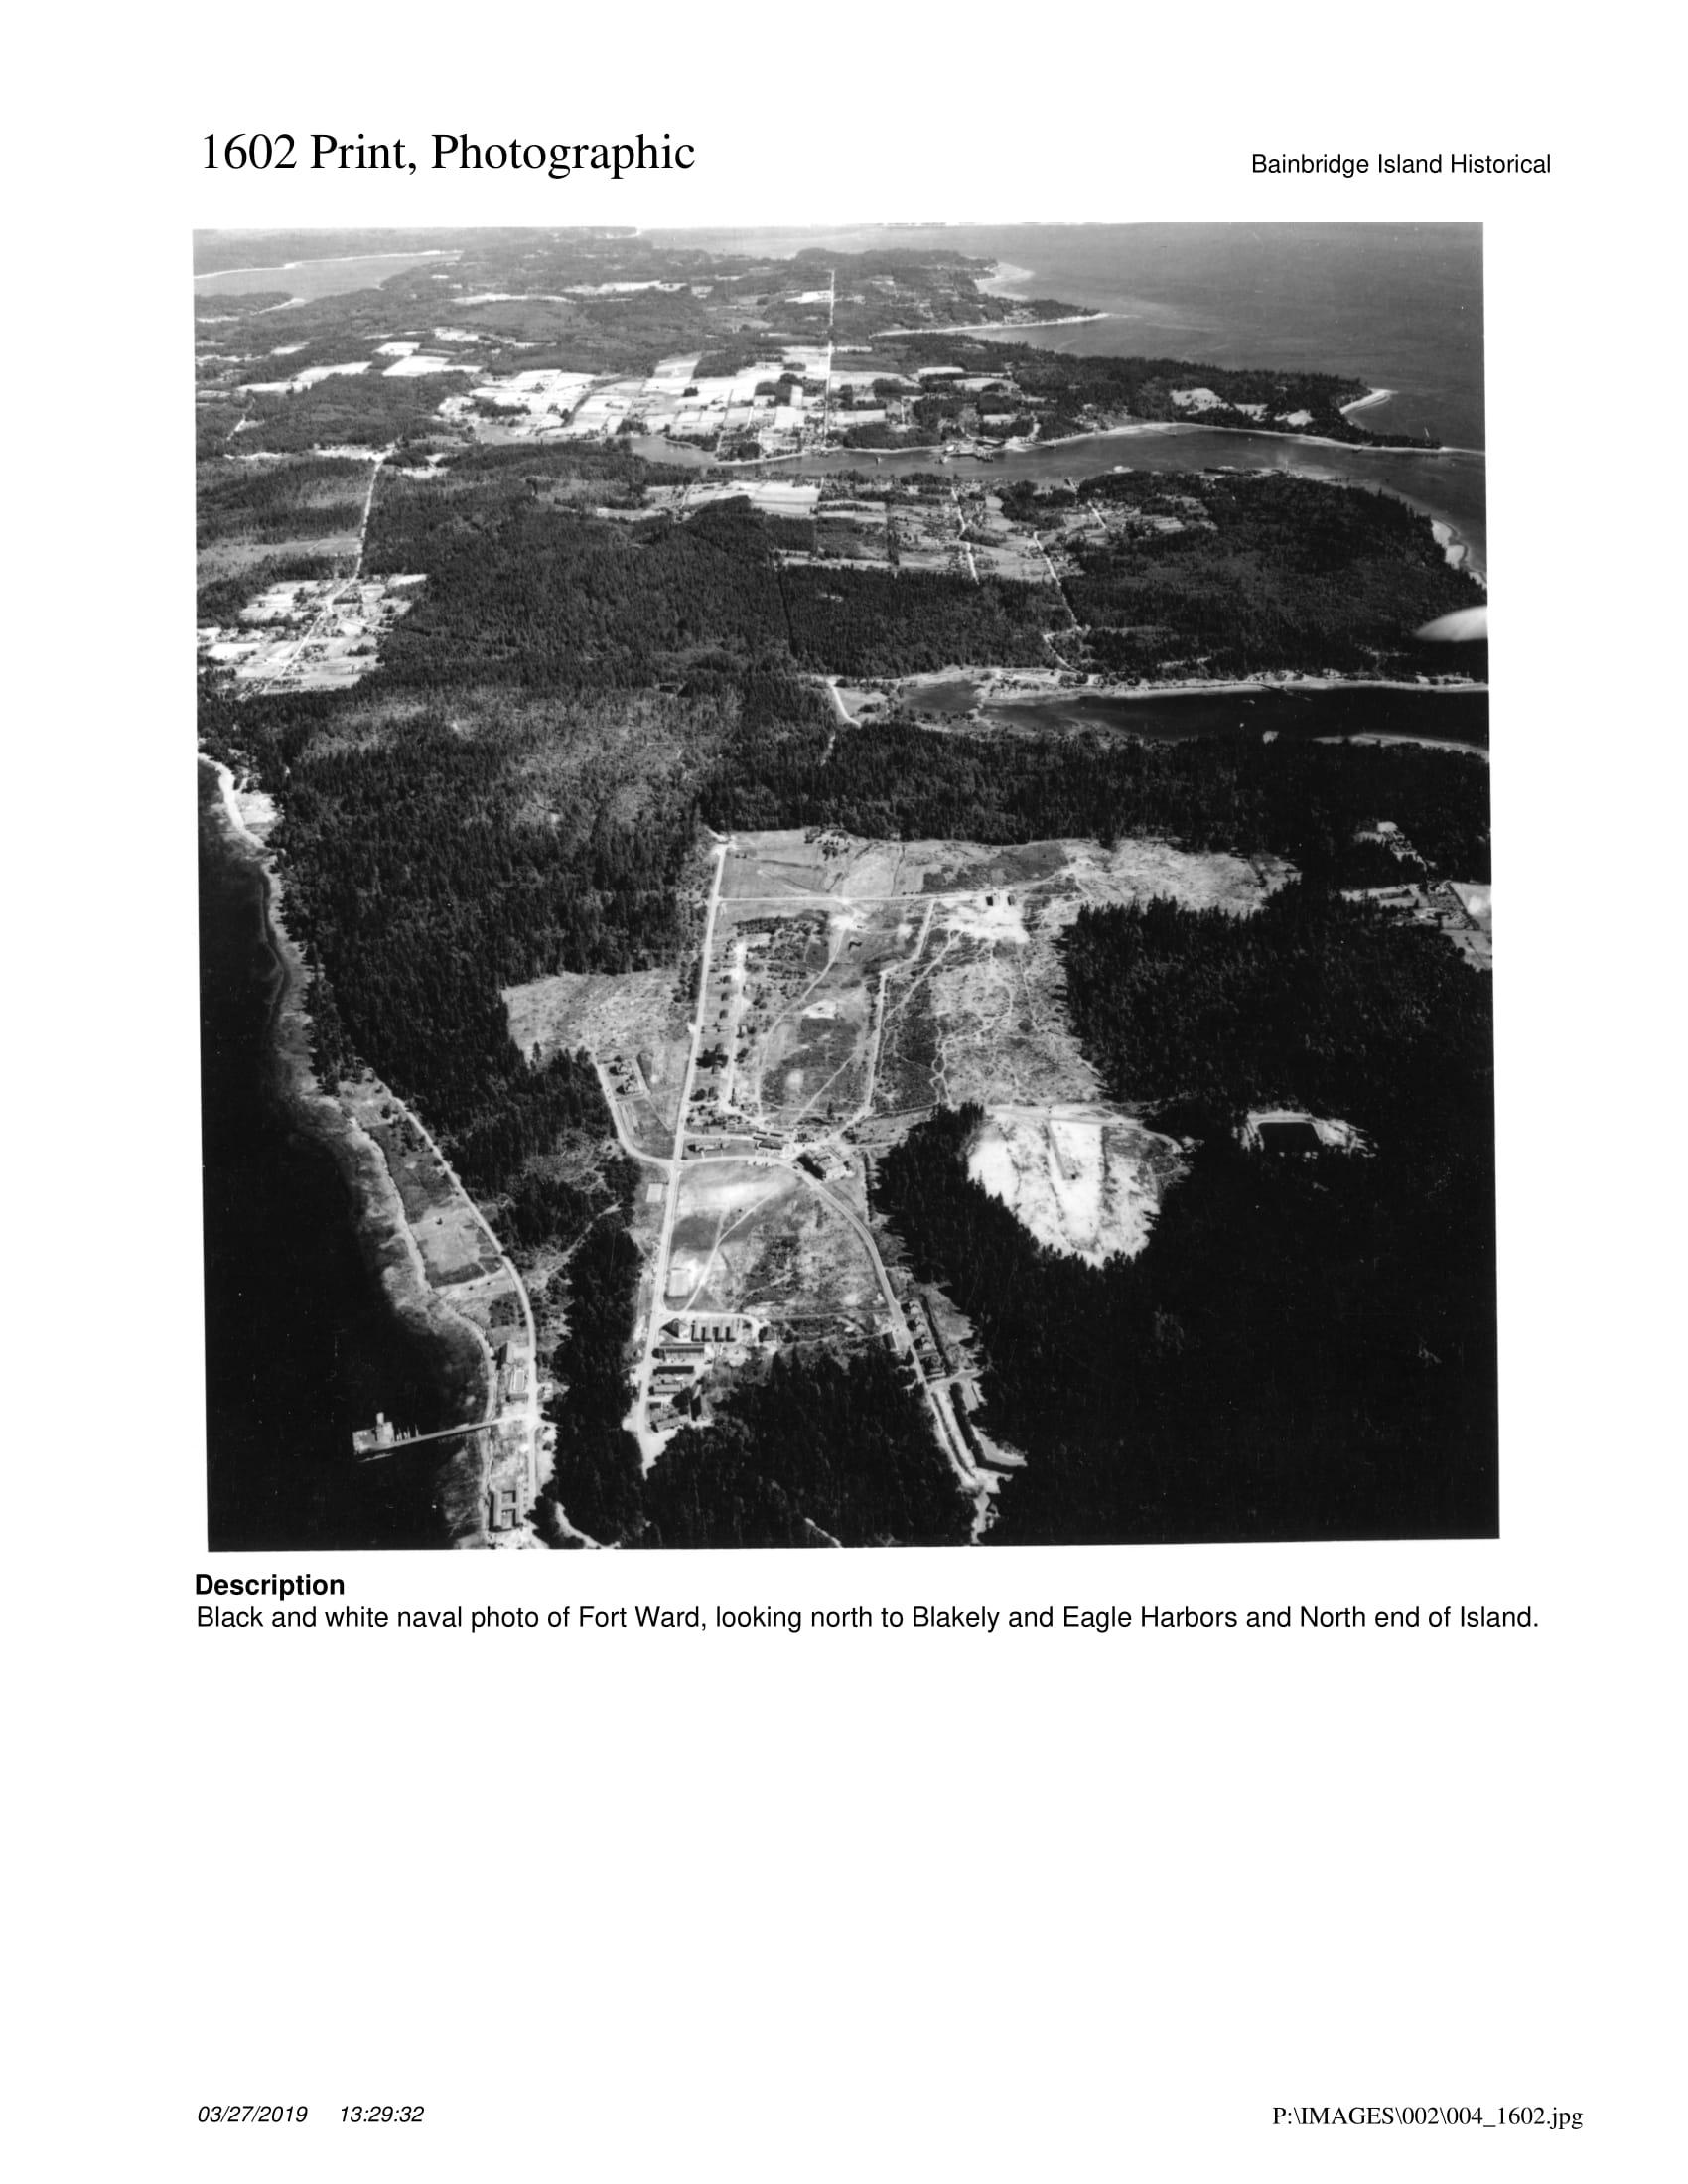 1602 Full Image of Photo-1.jpg